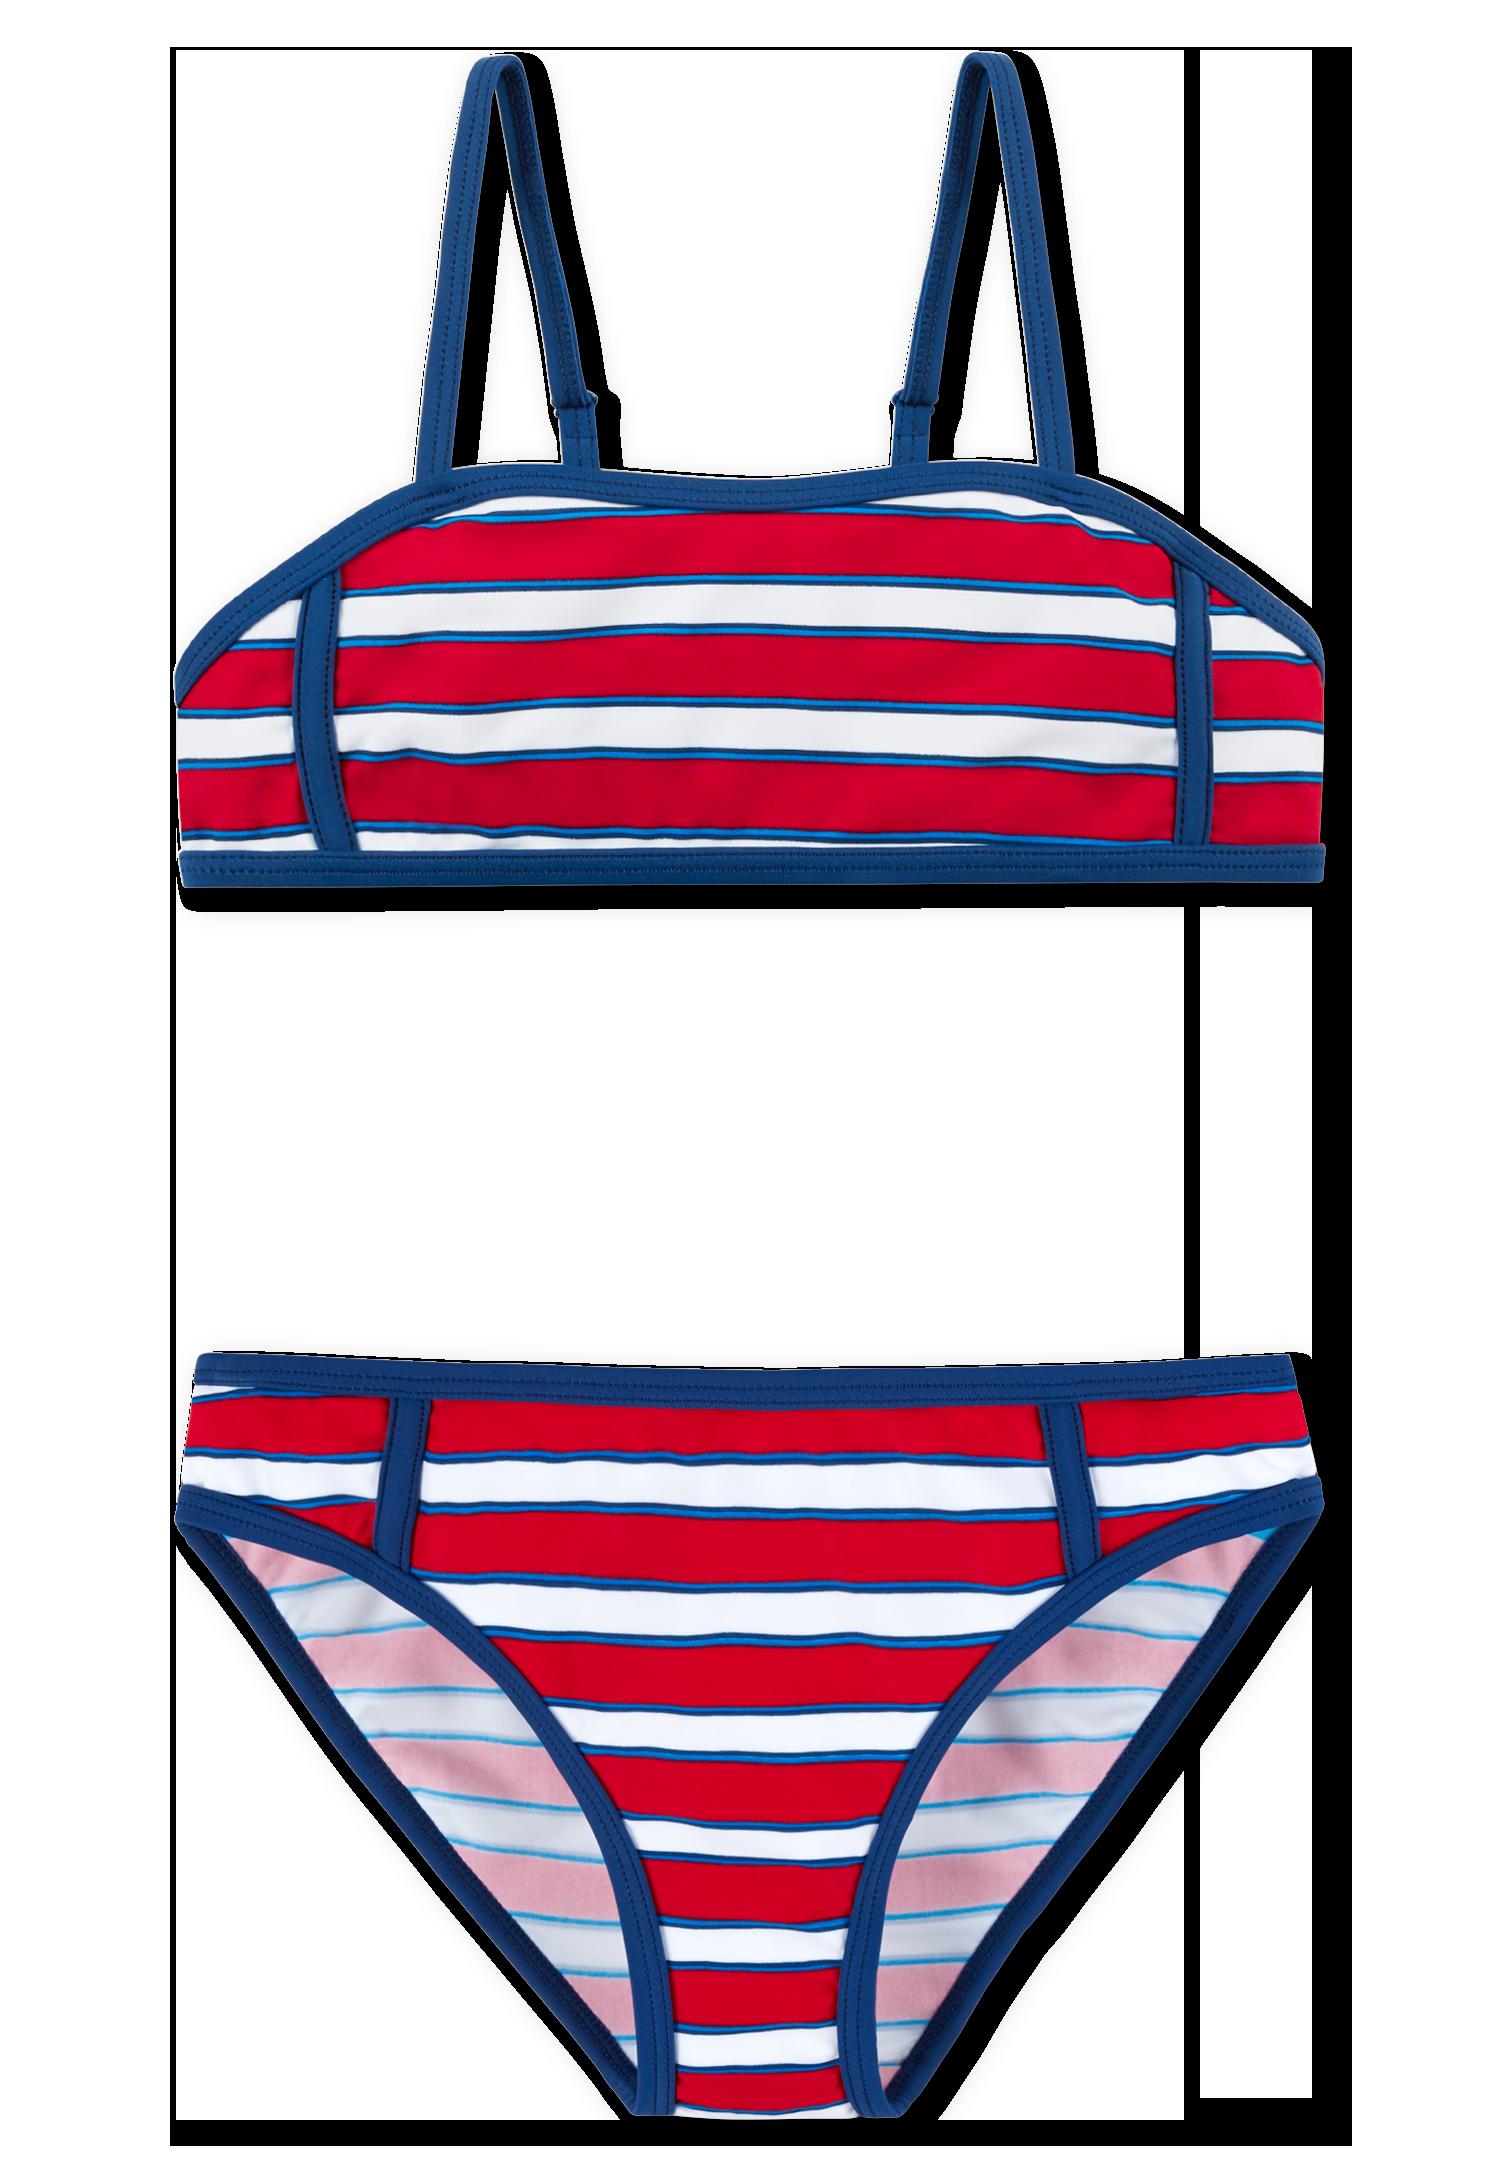 160597-500_front-Schiesser-Aqua-gestreifter-Maedchen-Bustier-Bikini.png